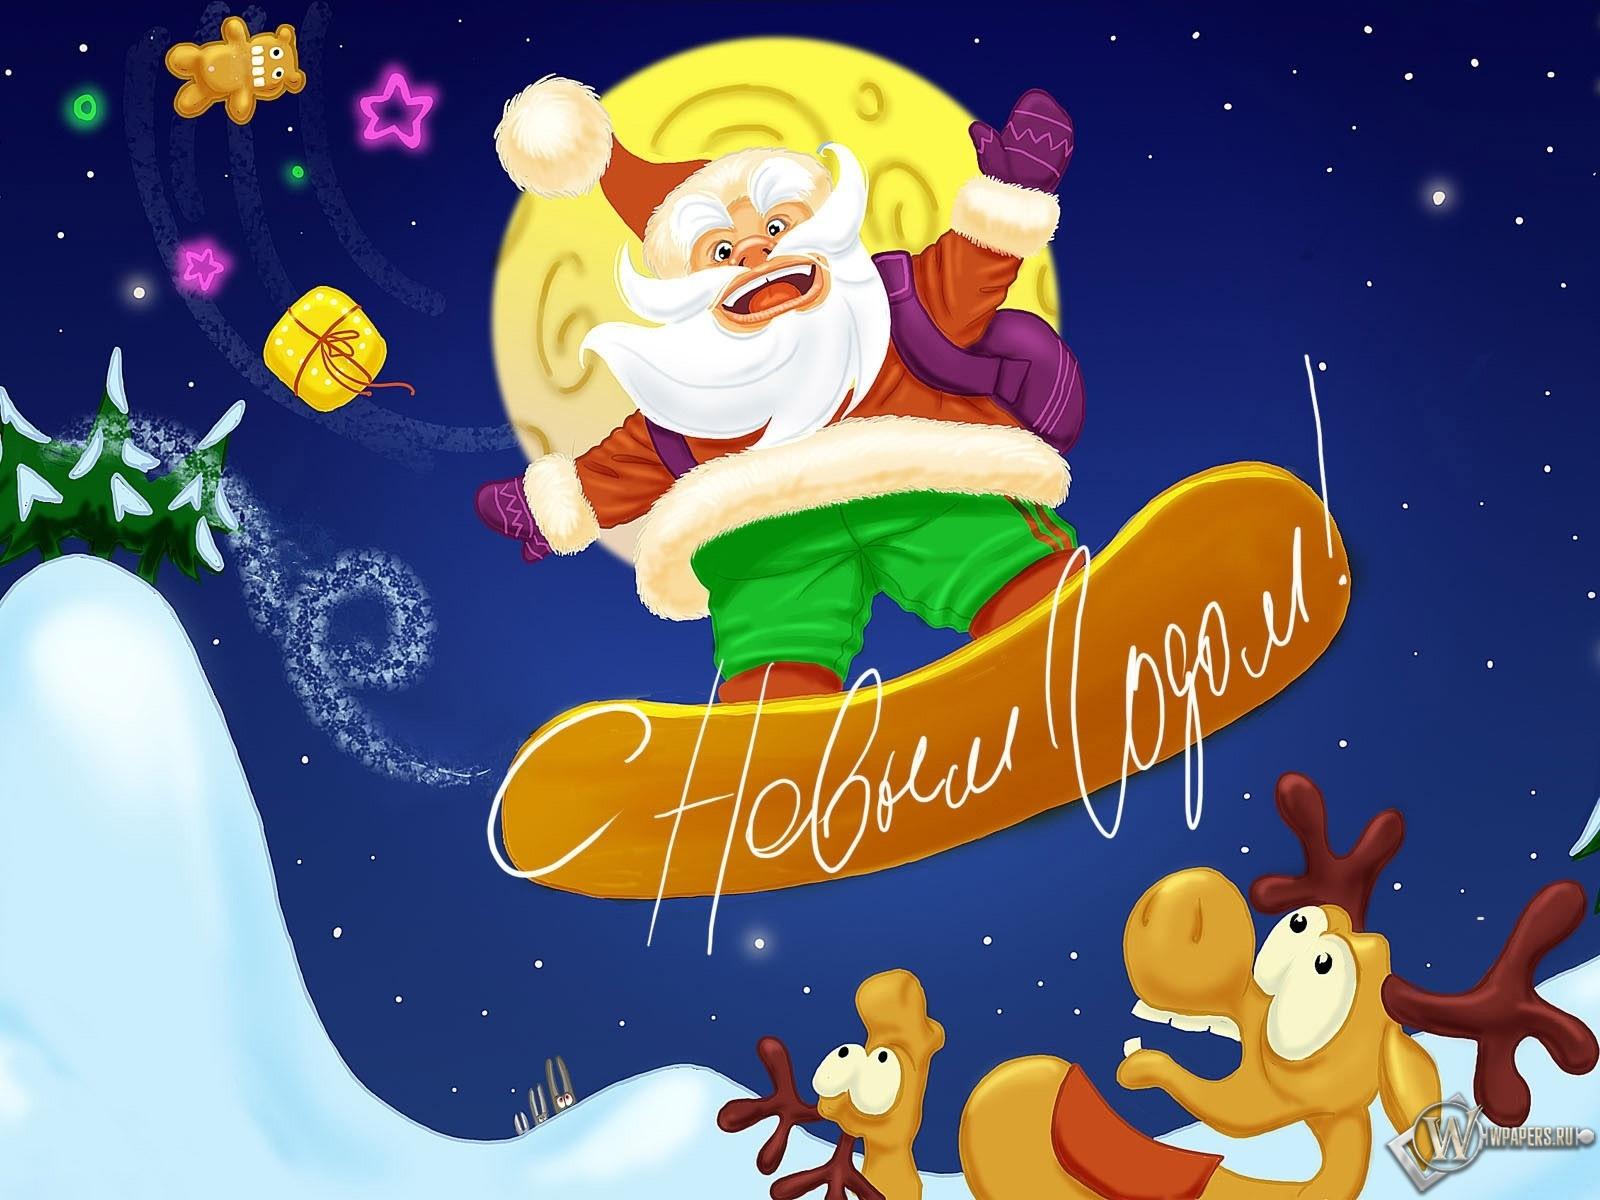 Дед Мороз на сноуборде 1600x1200